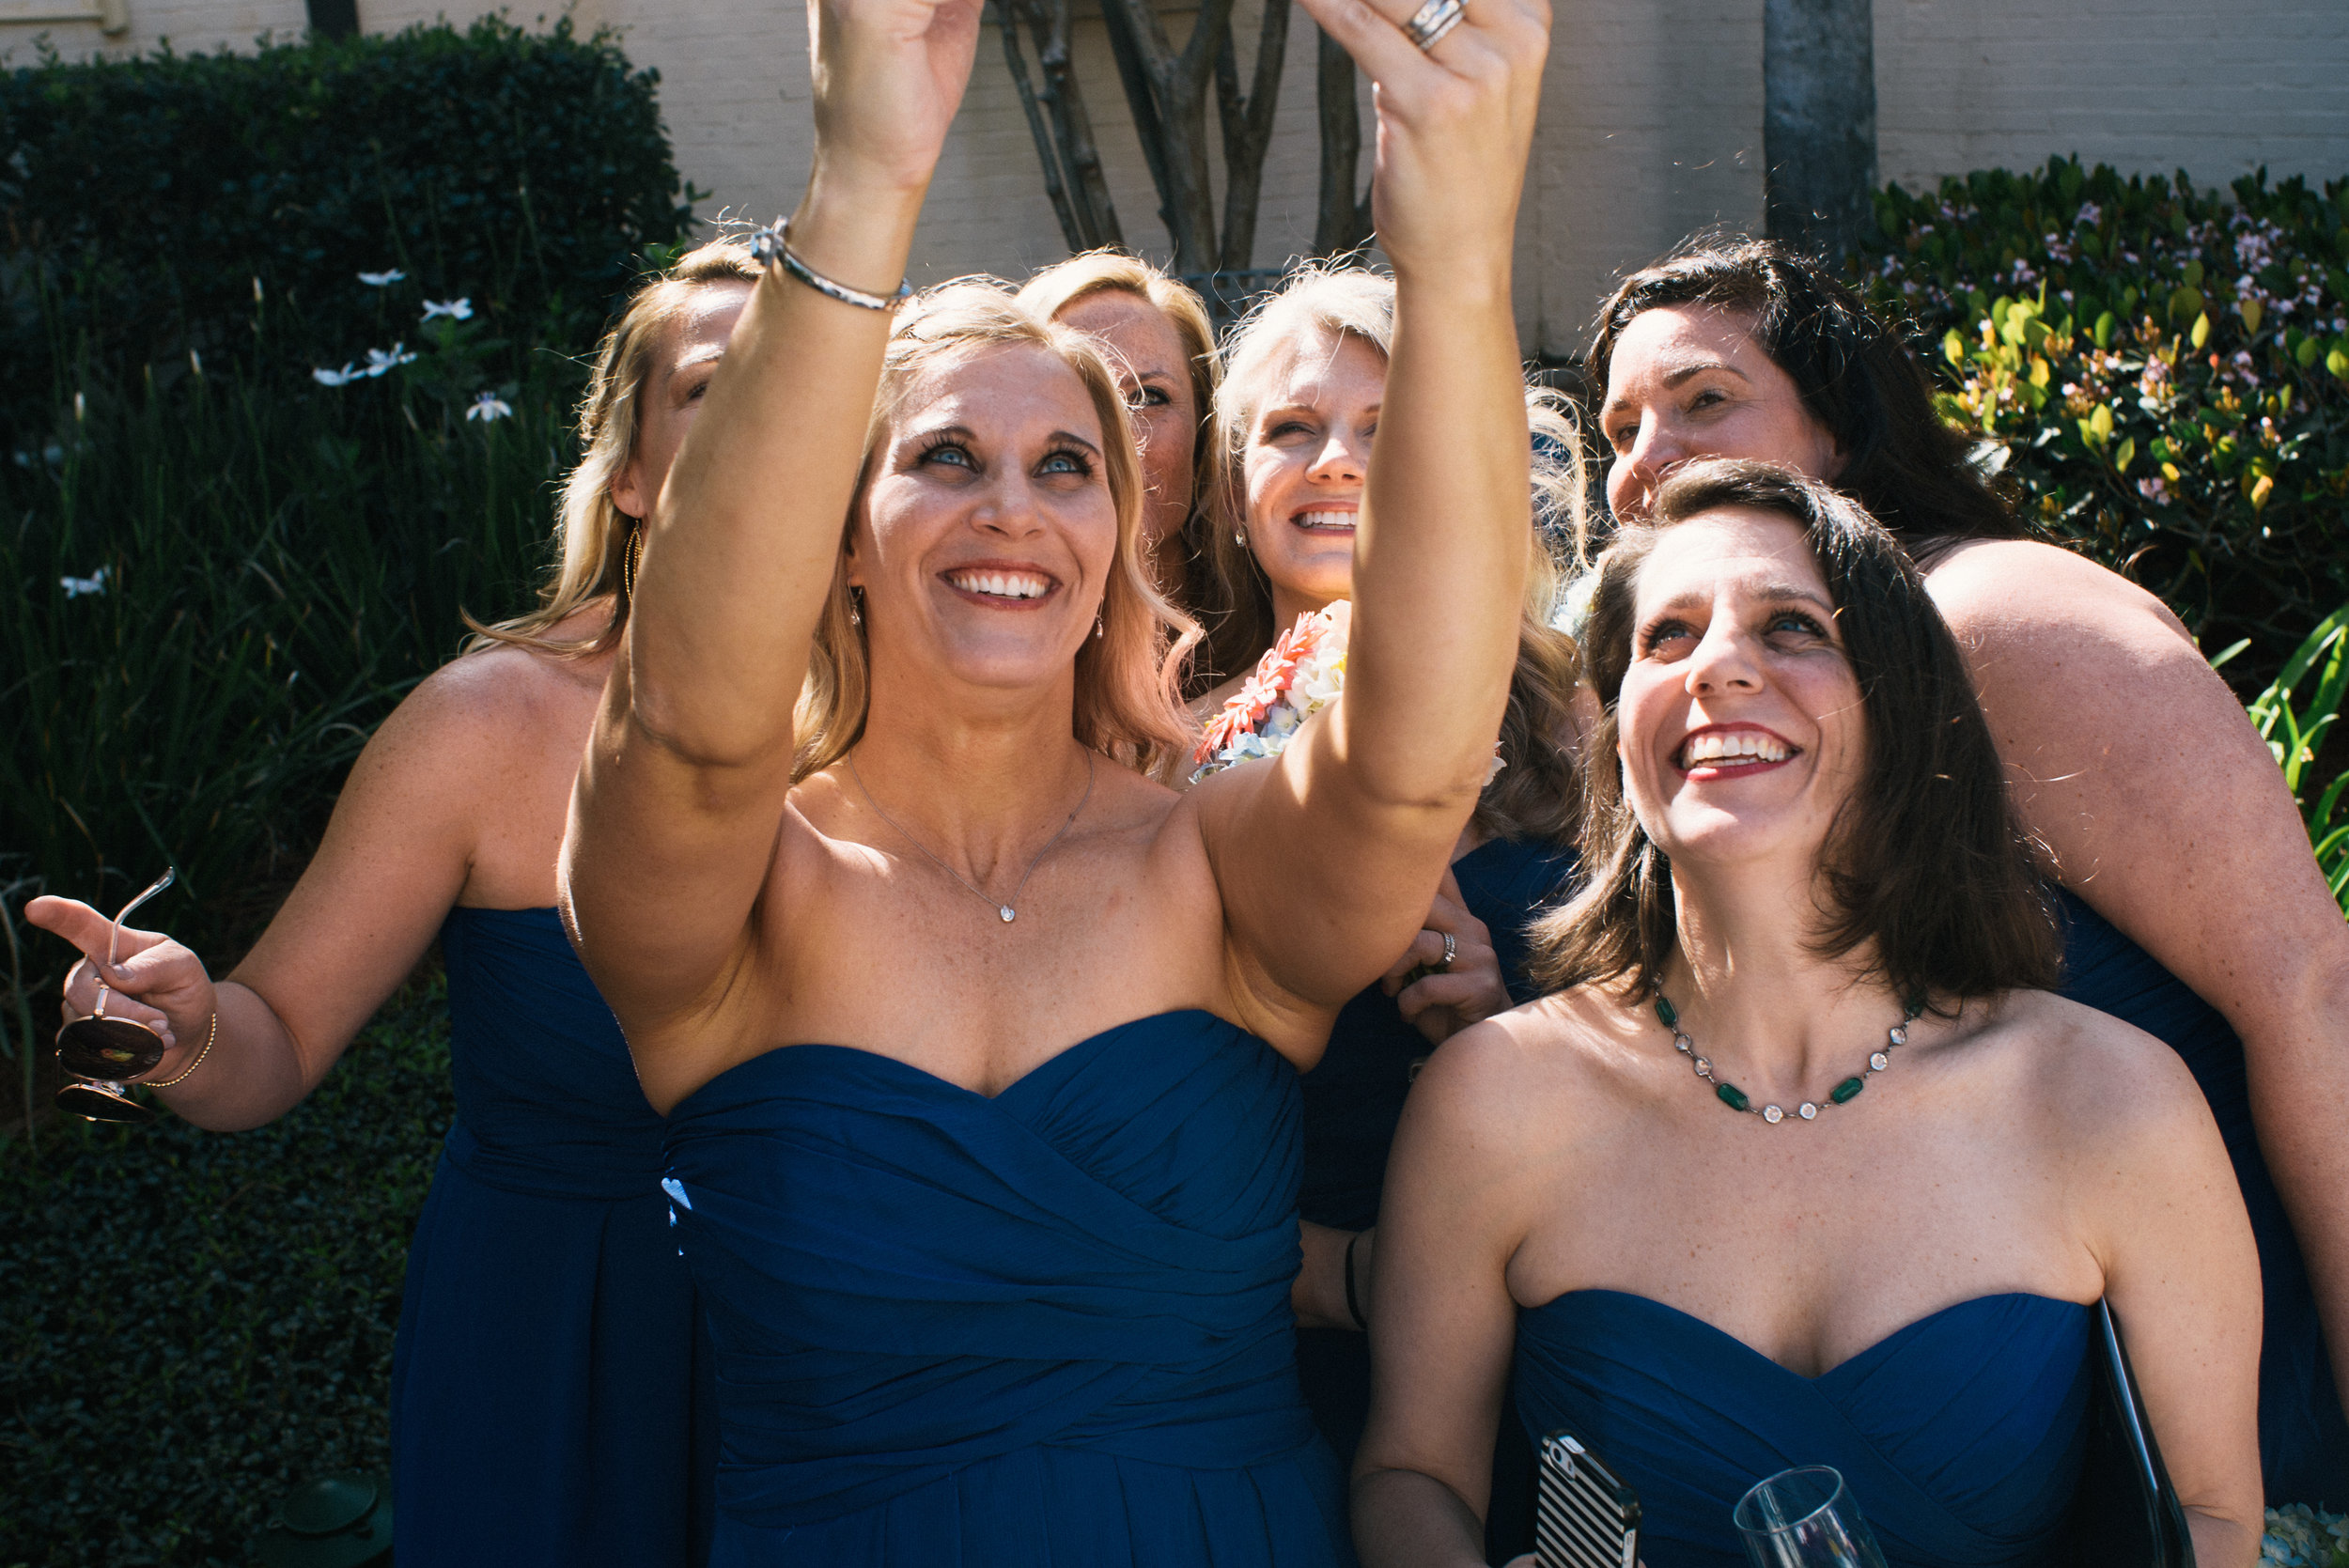 st-simons-island-elopement-photographer-savannah-elopement-photography-savannah-georgia-elopement-photographer-savannah-wedding-photographer-meg-hill-photo-jade-hill- (19 of 72).jpg